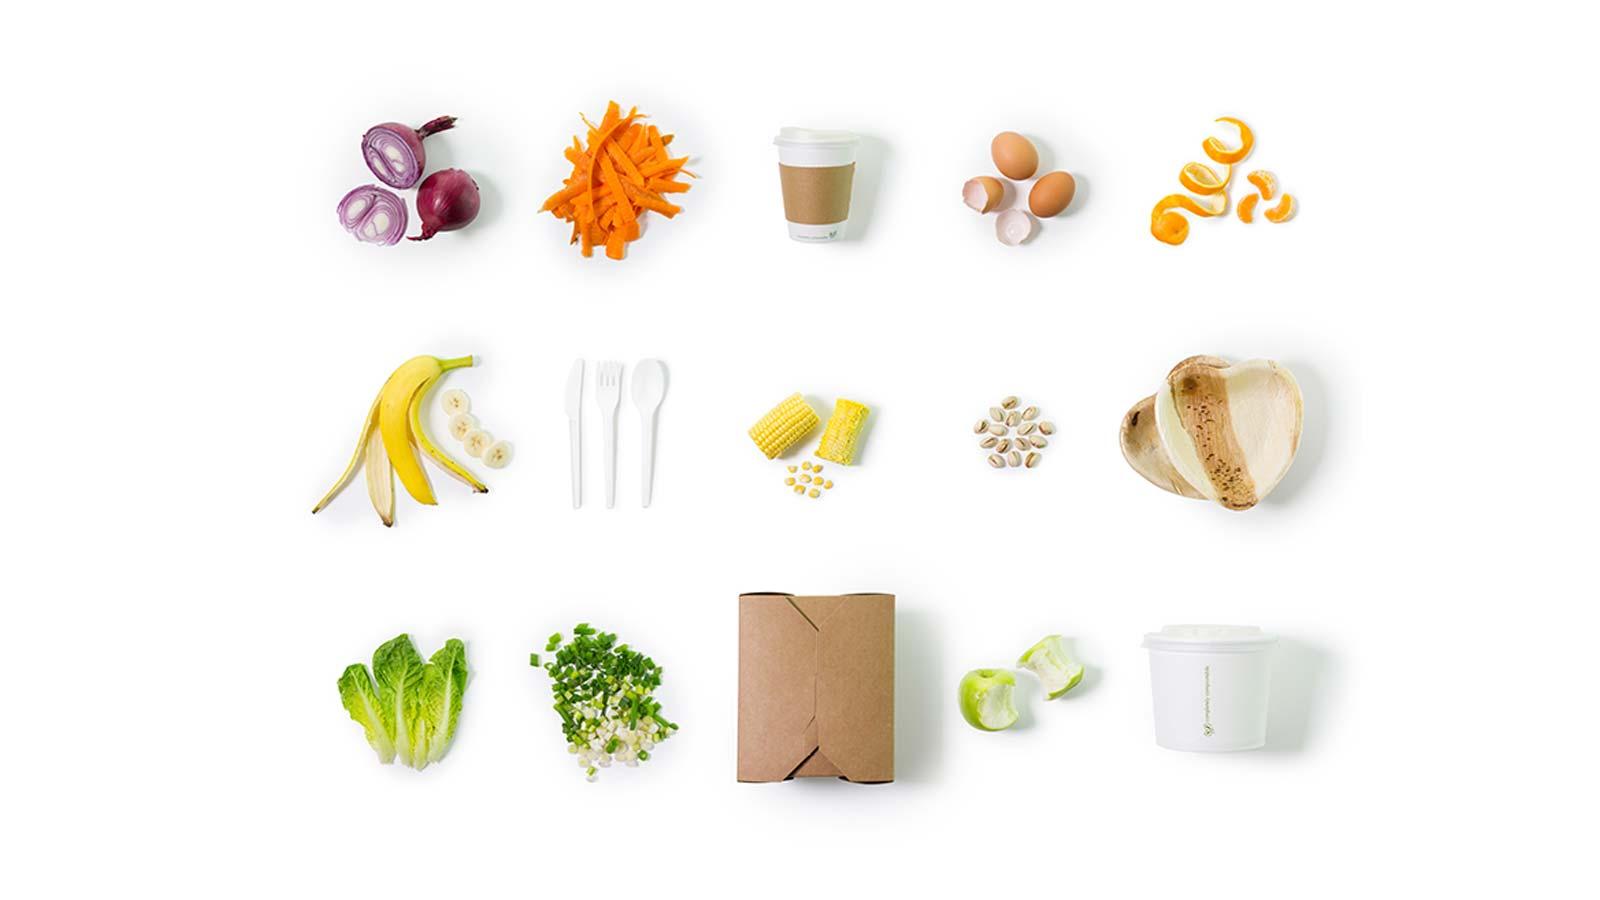 Co zrobić z biodegradowalnym naczyniem jednorazowym?